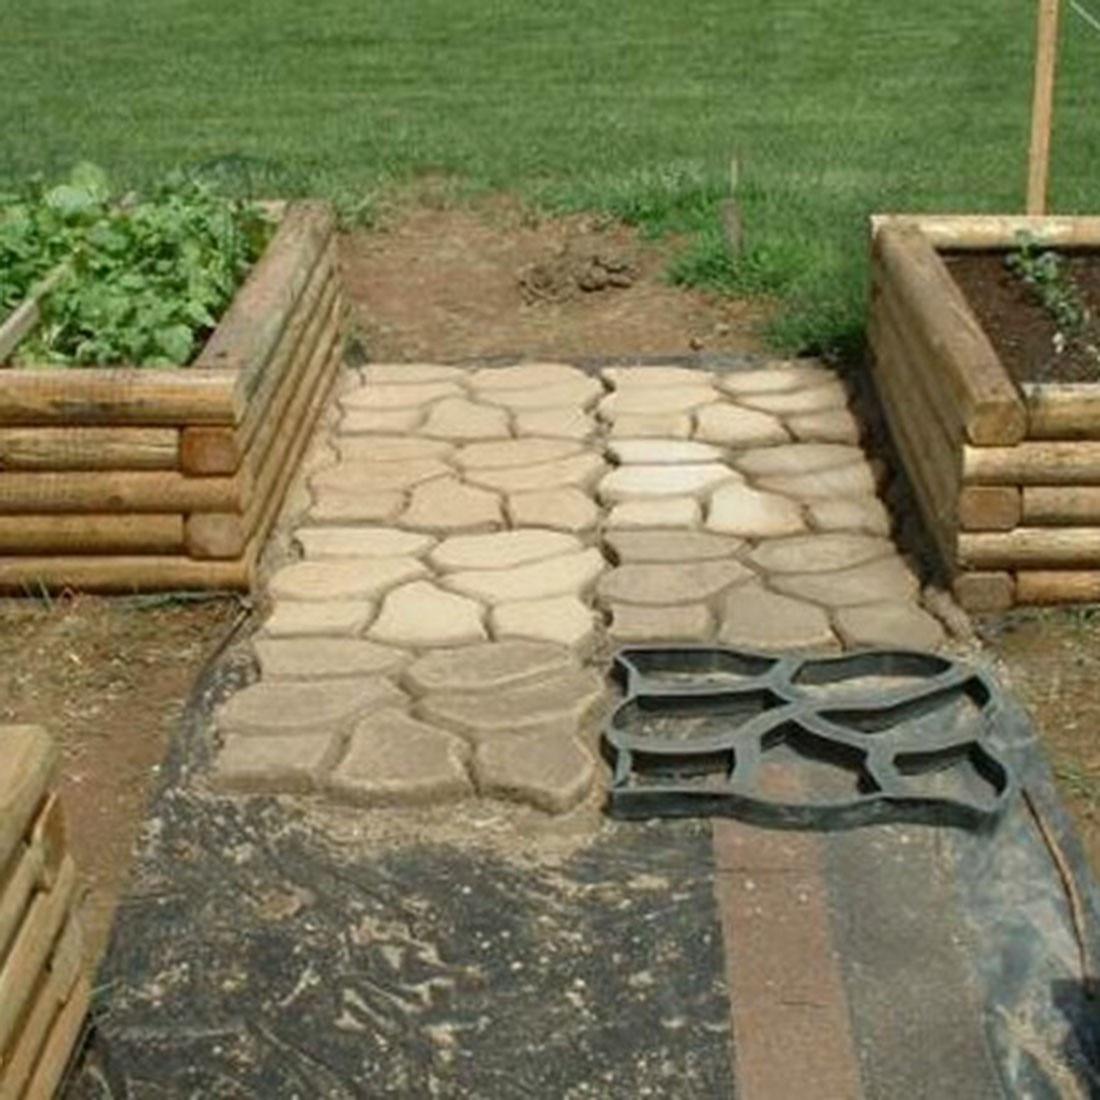 sendero de plstico fabricante de moldes x cm manualmente de ladrillos de cemento de piedra